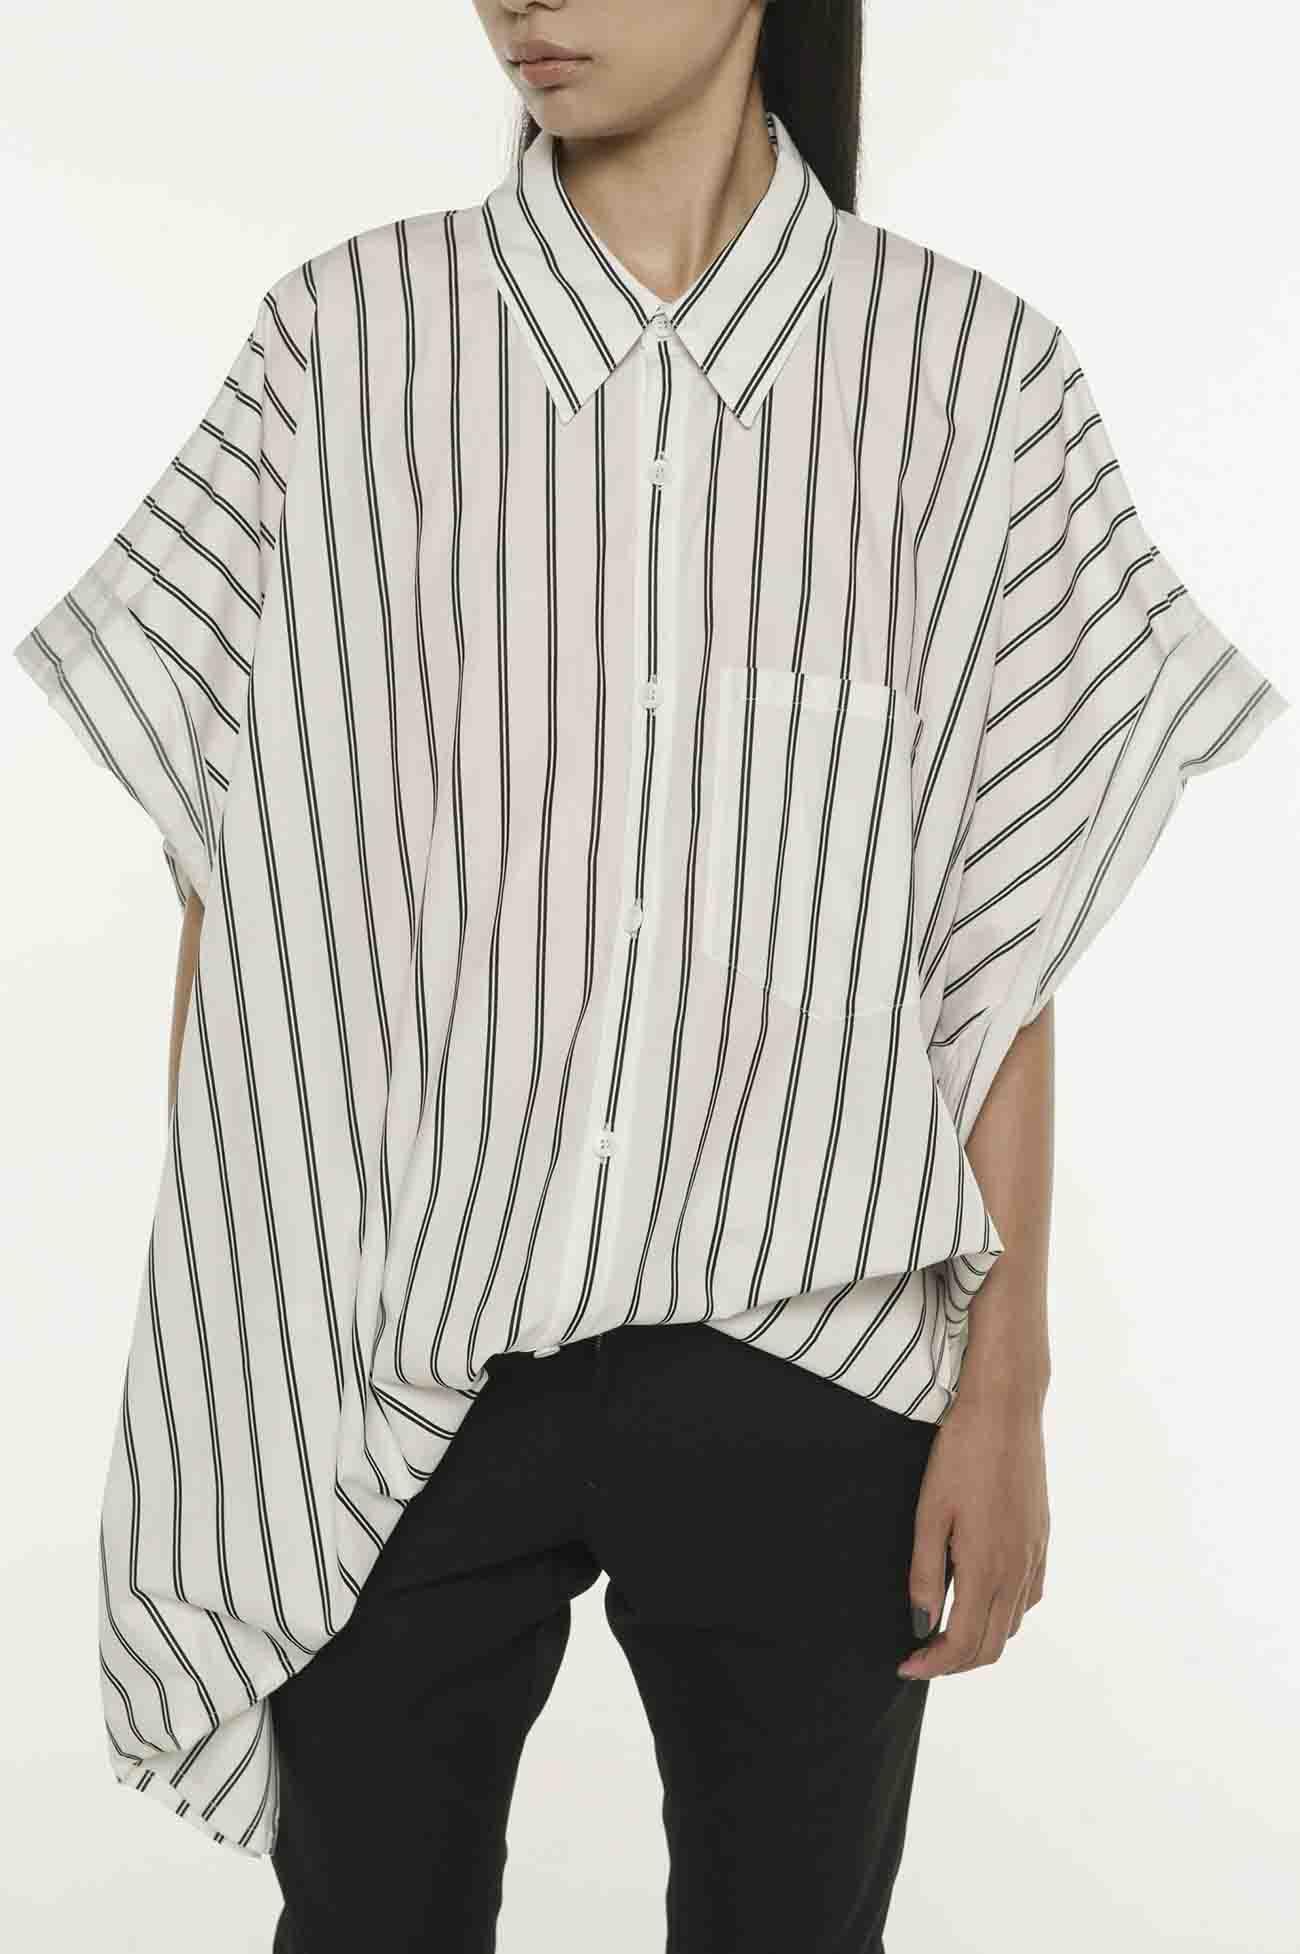 衬衫条纹方形衬衫A.